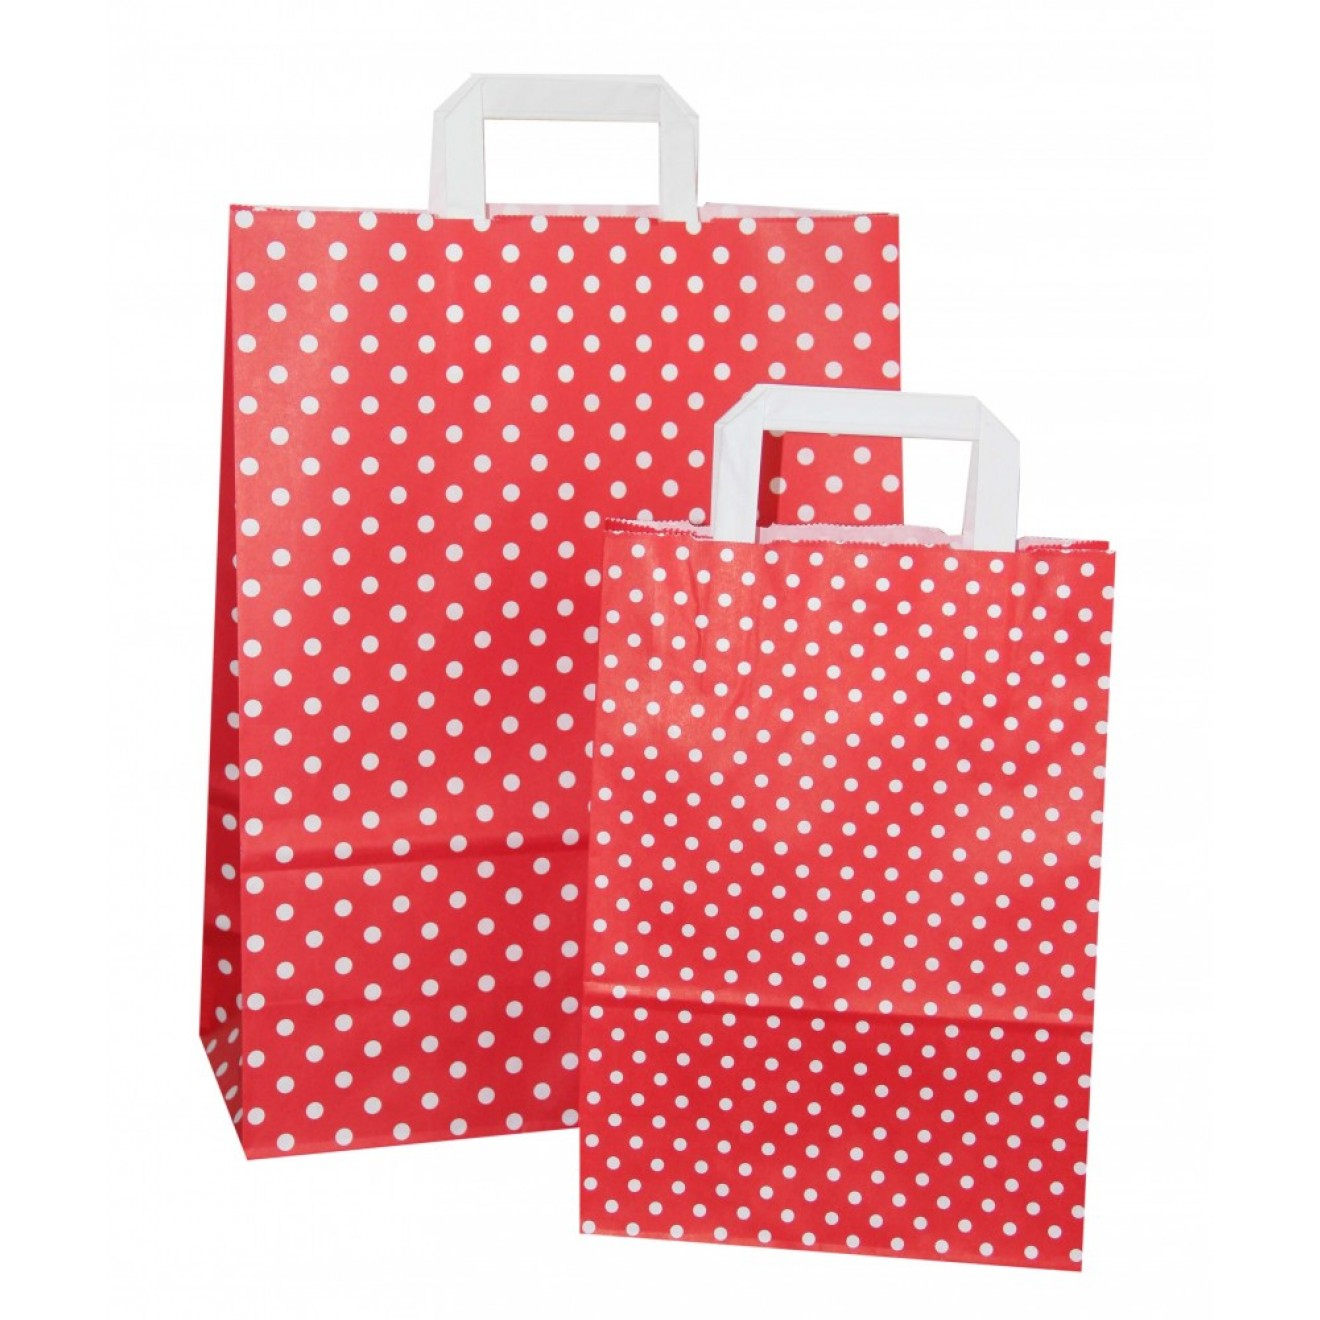 Rote Sitzsaecke In Schwarz Weissem : Rote papiert?ten wei?en punkten und flachen papiergriffen